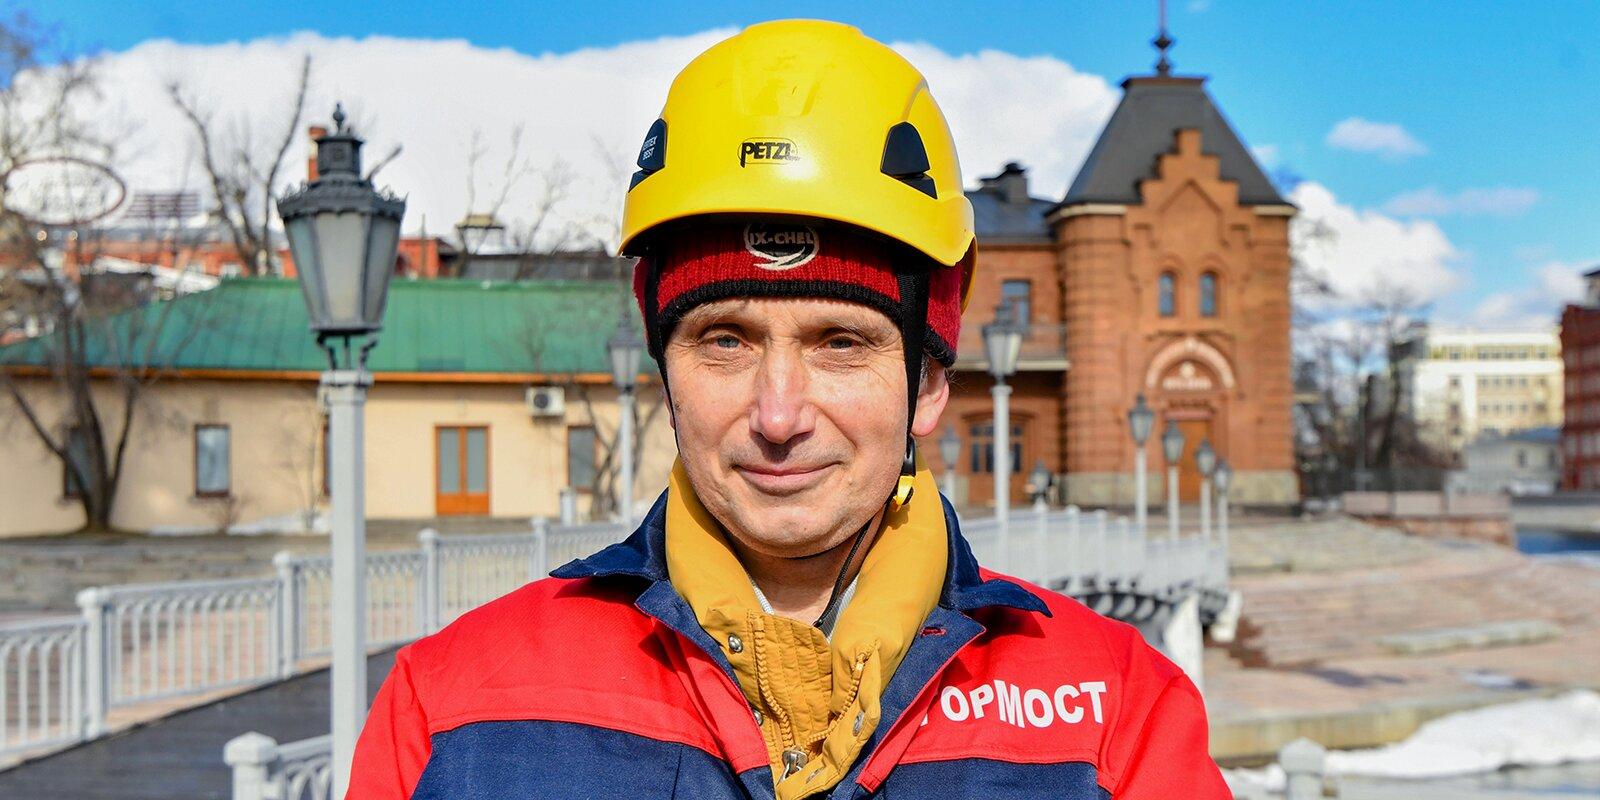 Виталий Осокин, инженер дежурной смены ГБУ «Гормост». Фото Ю. Иванко. Mos.ru